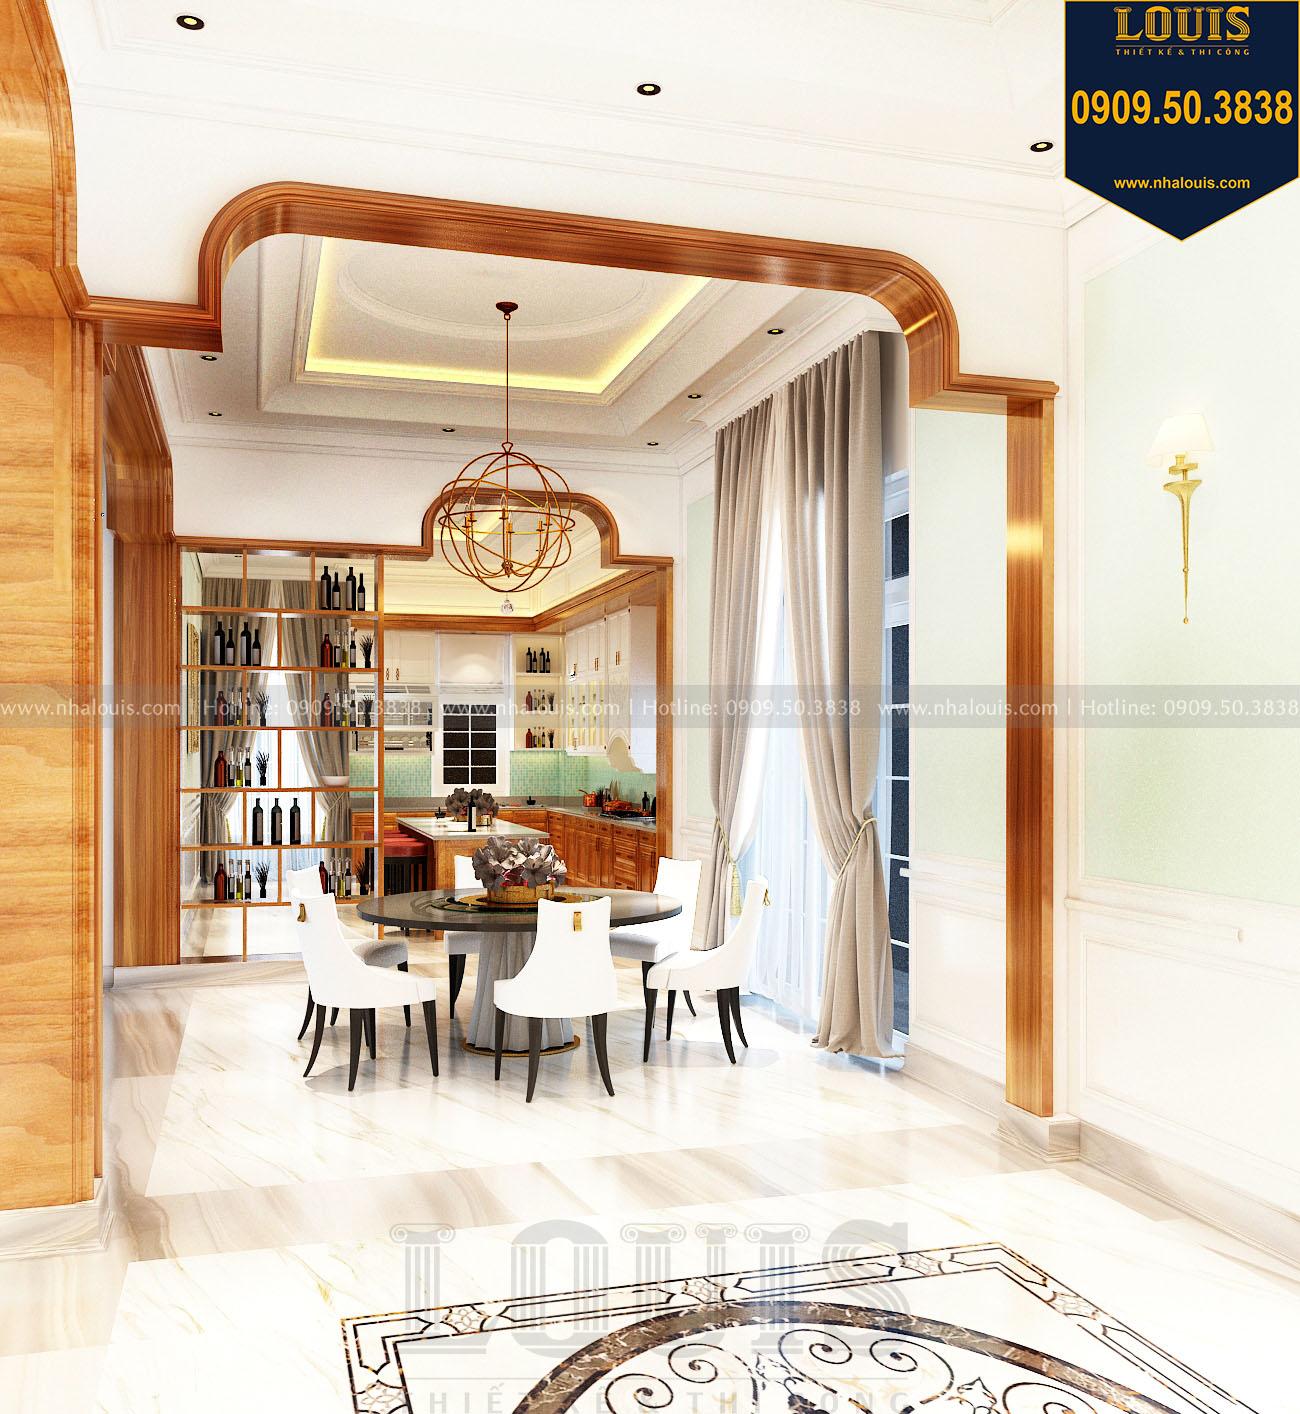 Biệt thự 2 tầng mặt tiền 8m tại Bình Dương - Giải pháp tối ưu cả công năng và thẩm mỹ